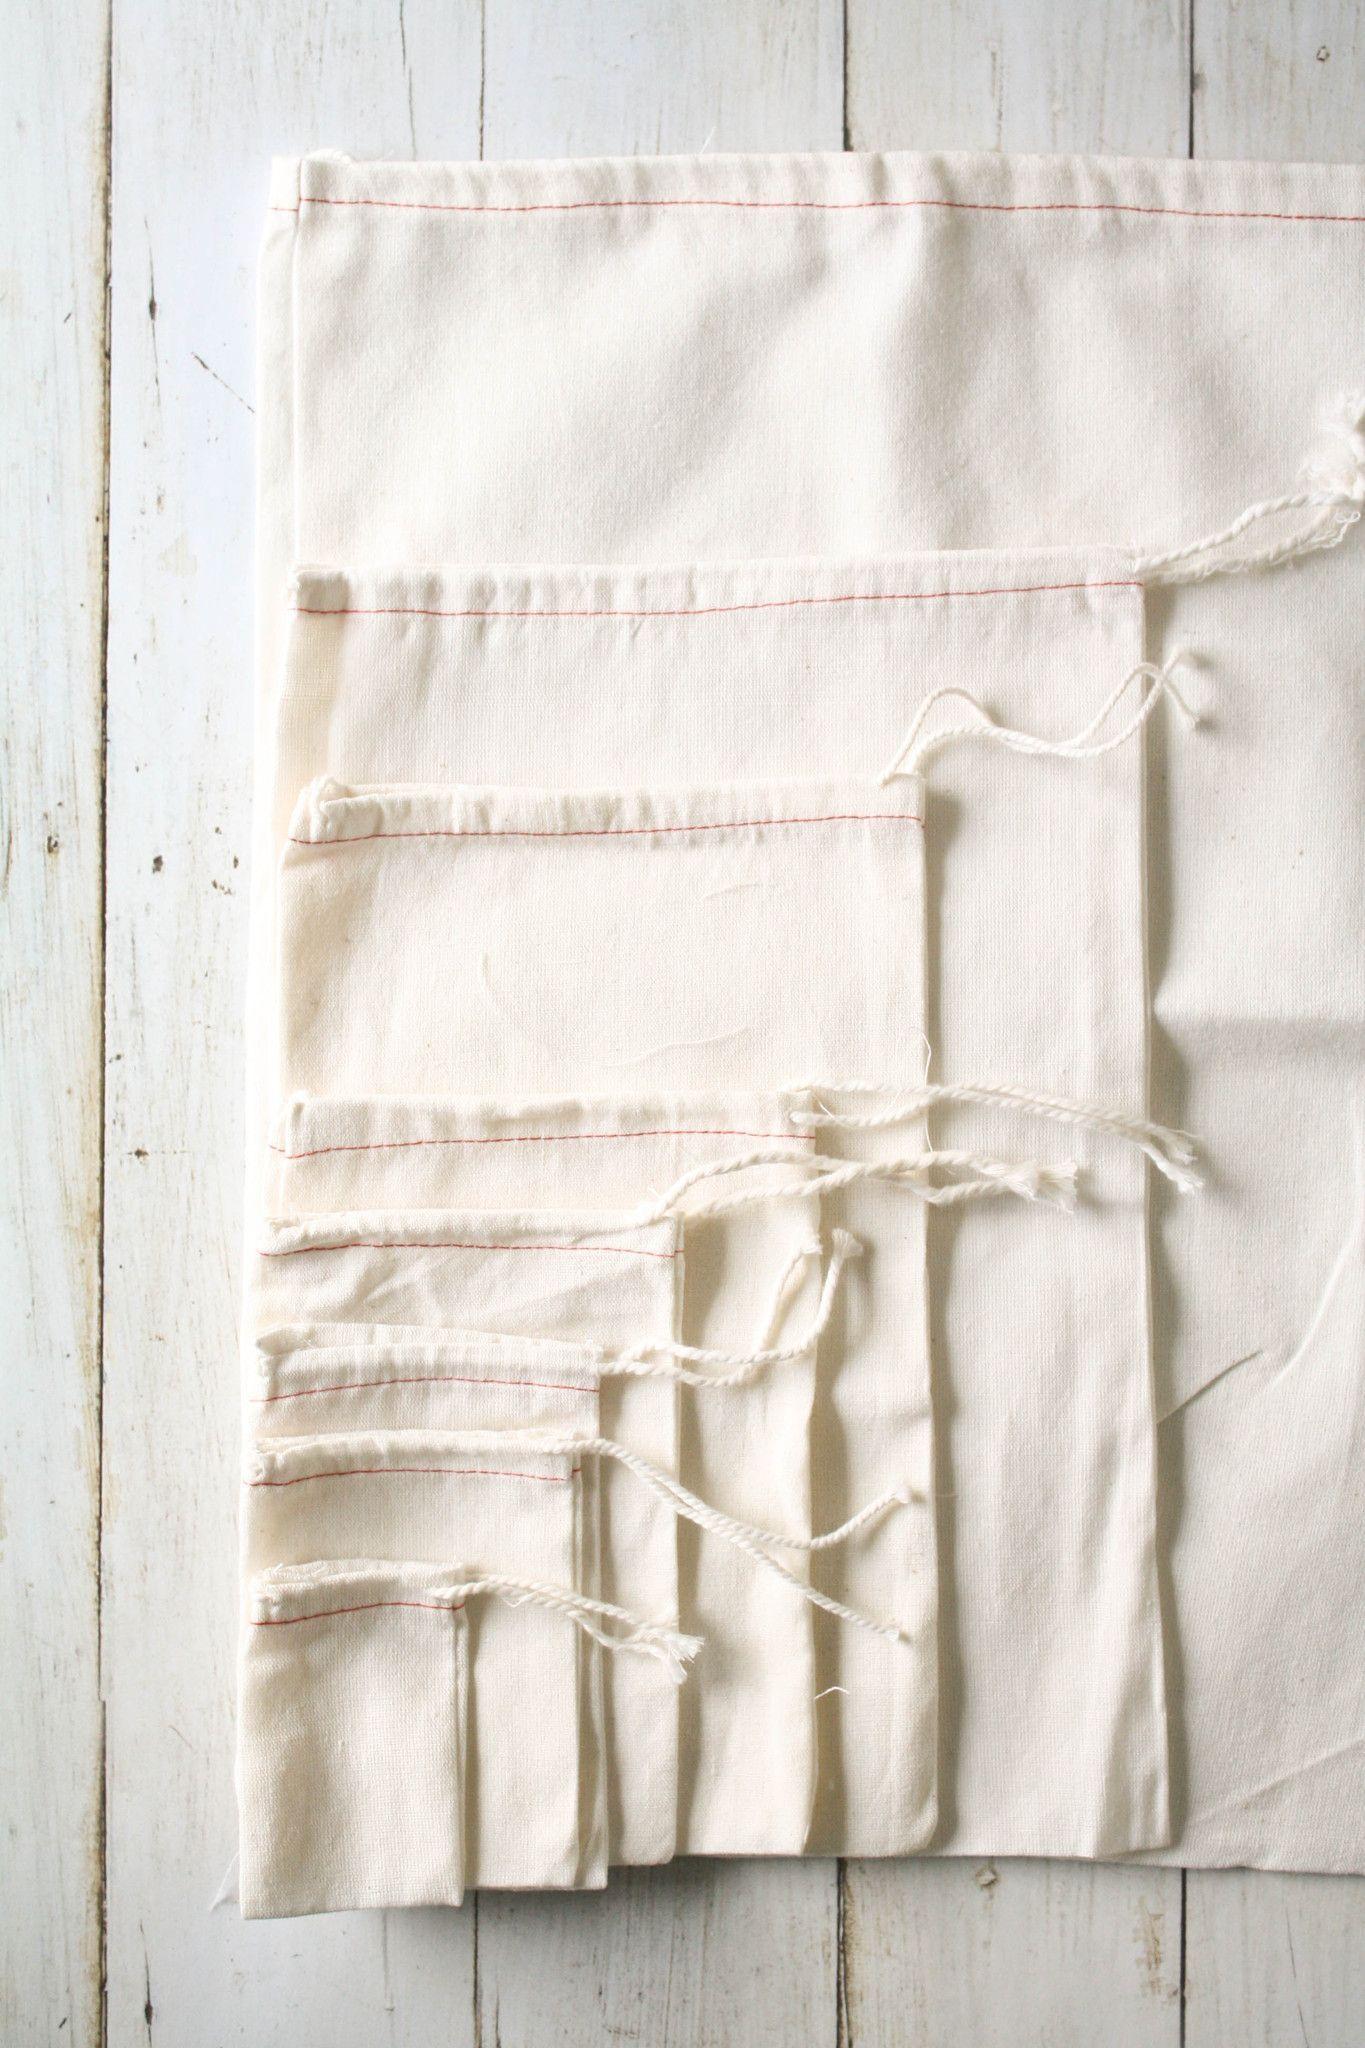 Cotton Drawstring Bags Zero Waste Cotton Drawstring